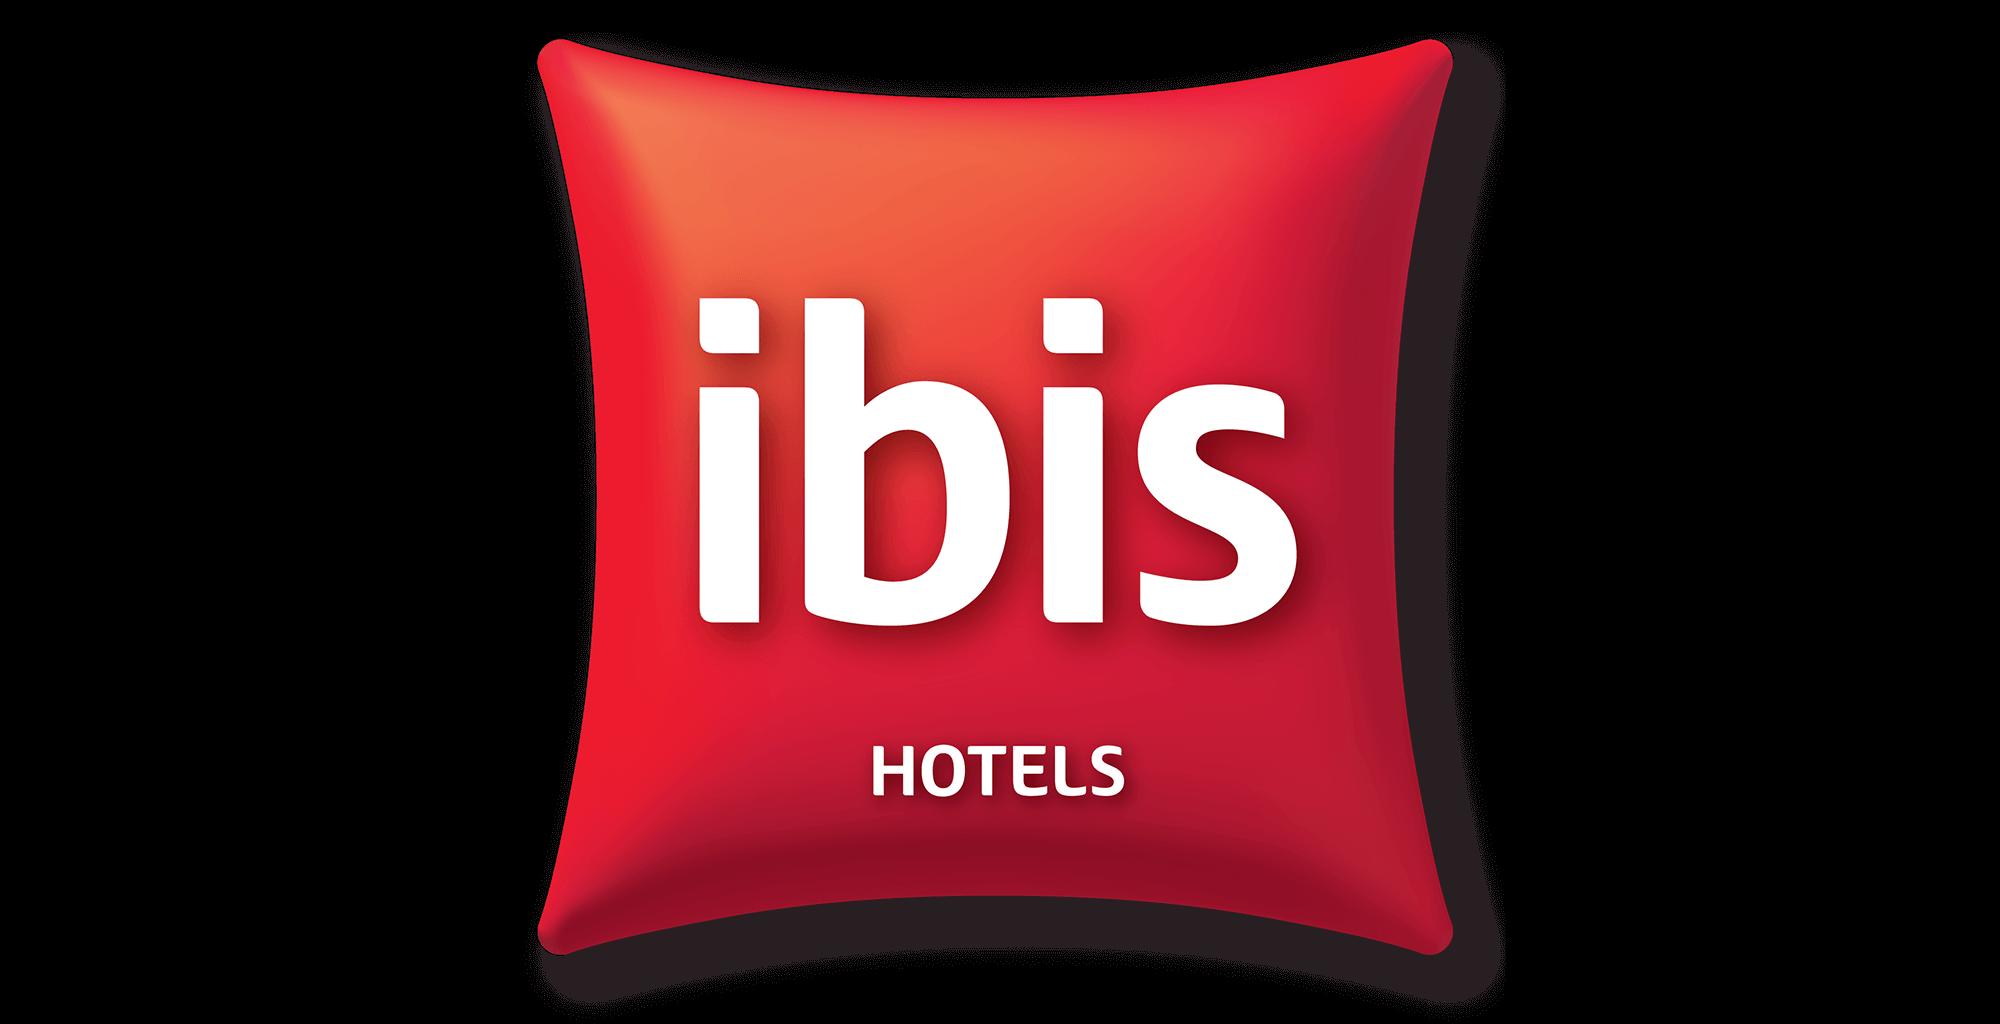 ibis hotel logo png